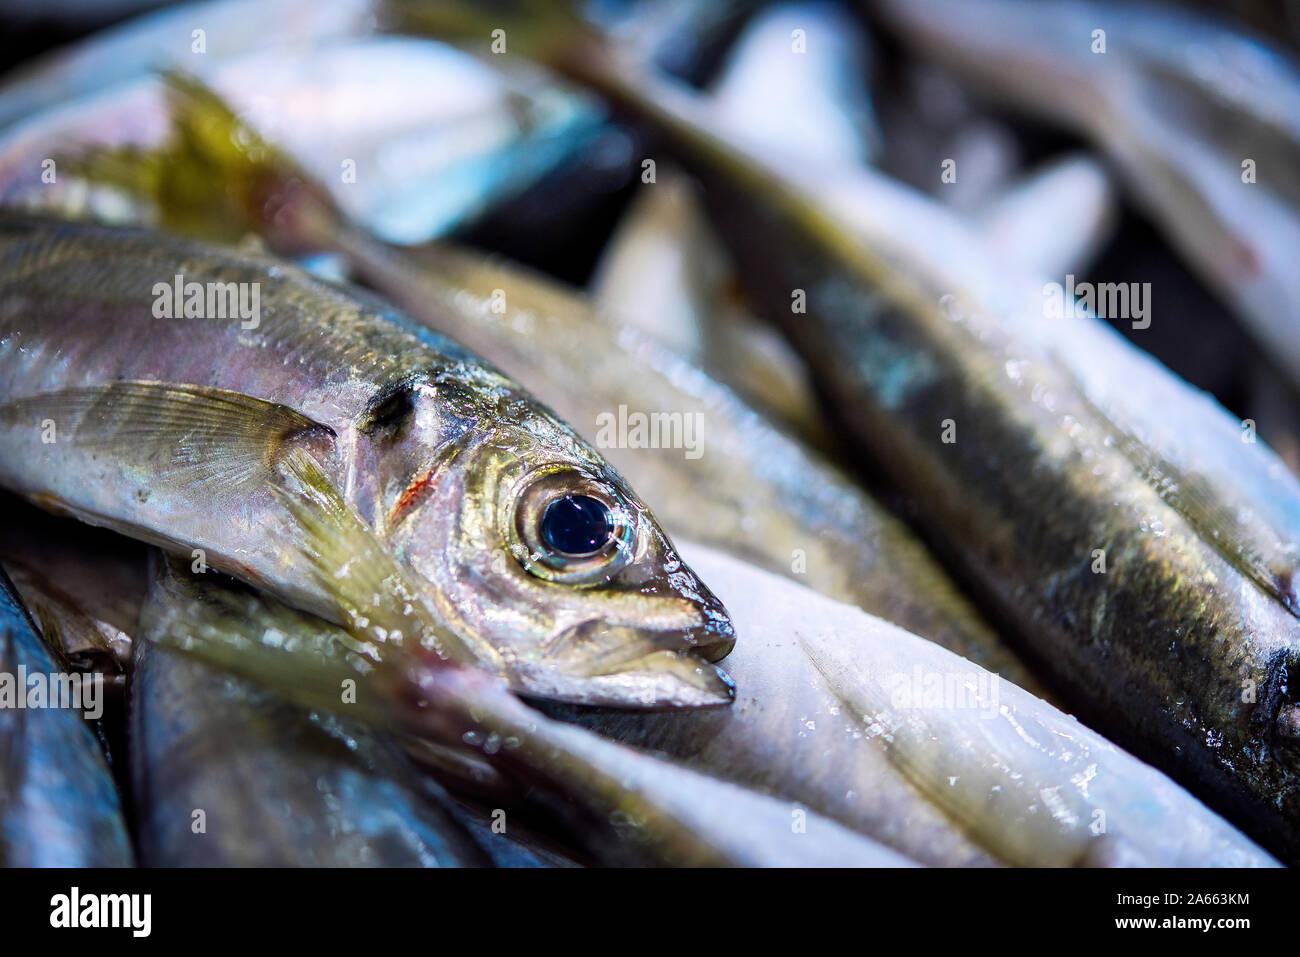 Grandes frescas sardinas portuguesas sobre hielo exposición en el mercado de pescado. Cerca. Foto de stock